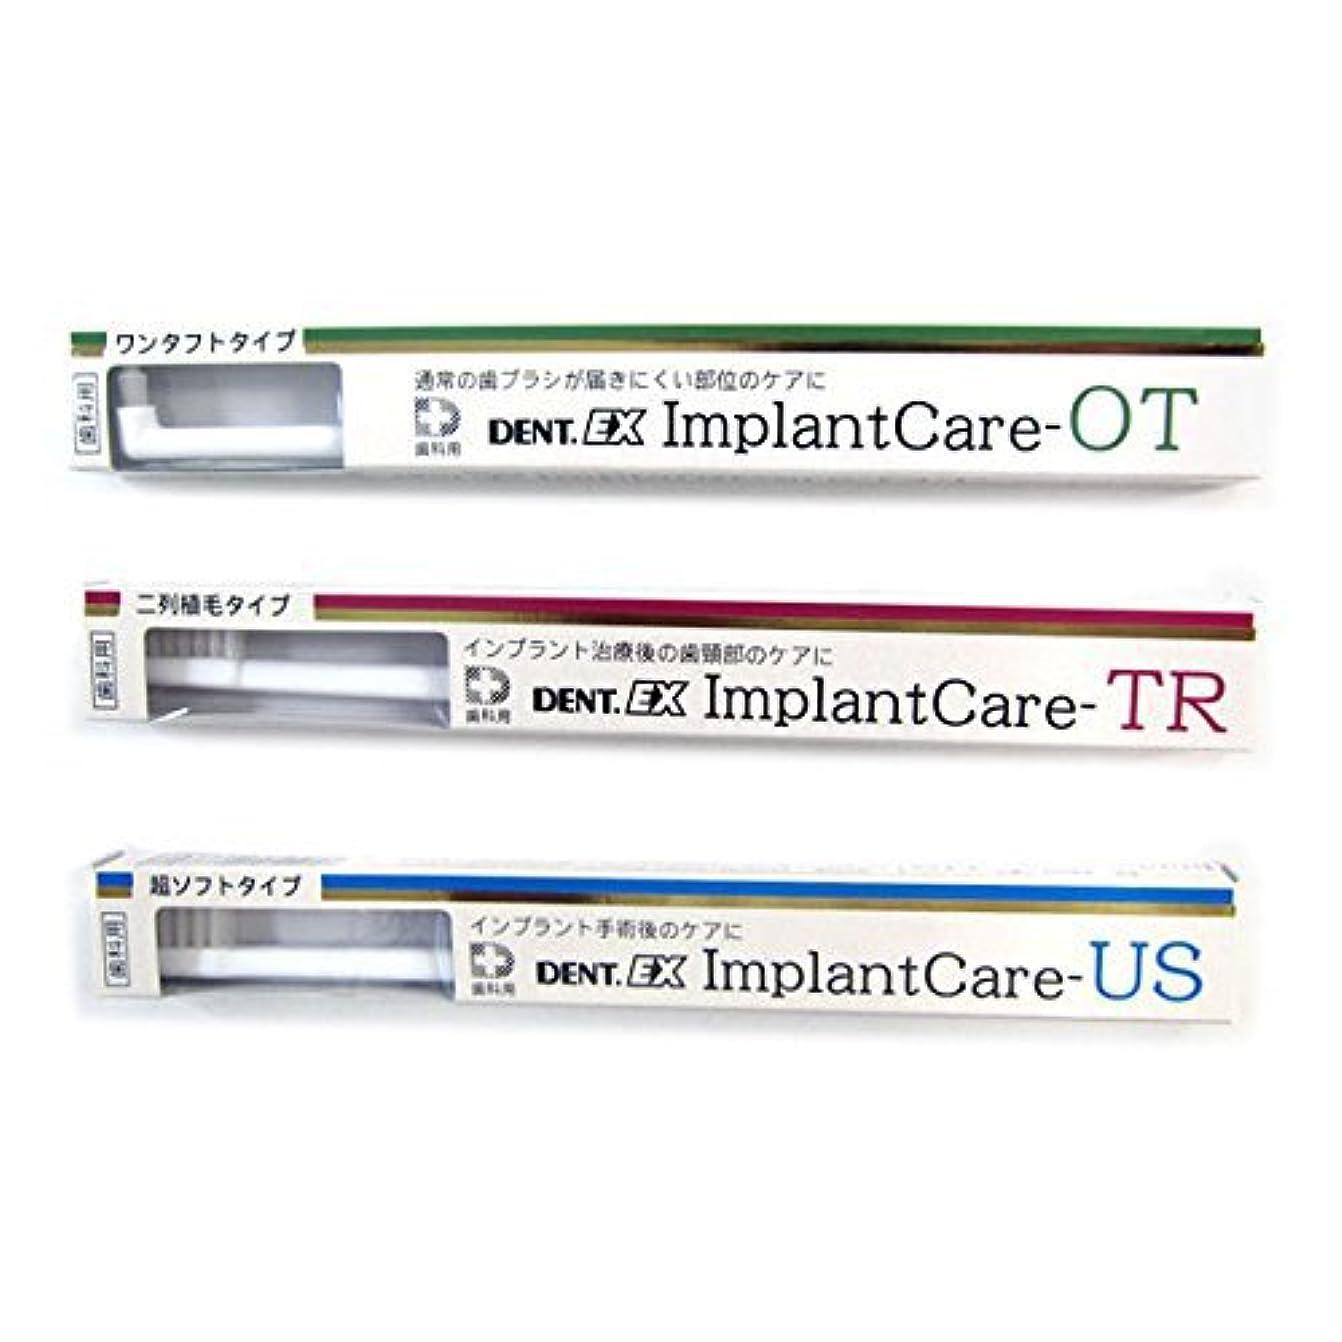 バランスのとれた専制大理石デント DENT EX ImplantCare インプラントケア 単品 OT(ワンタフト)